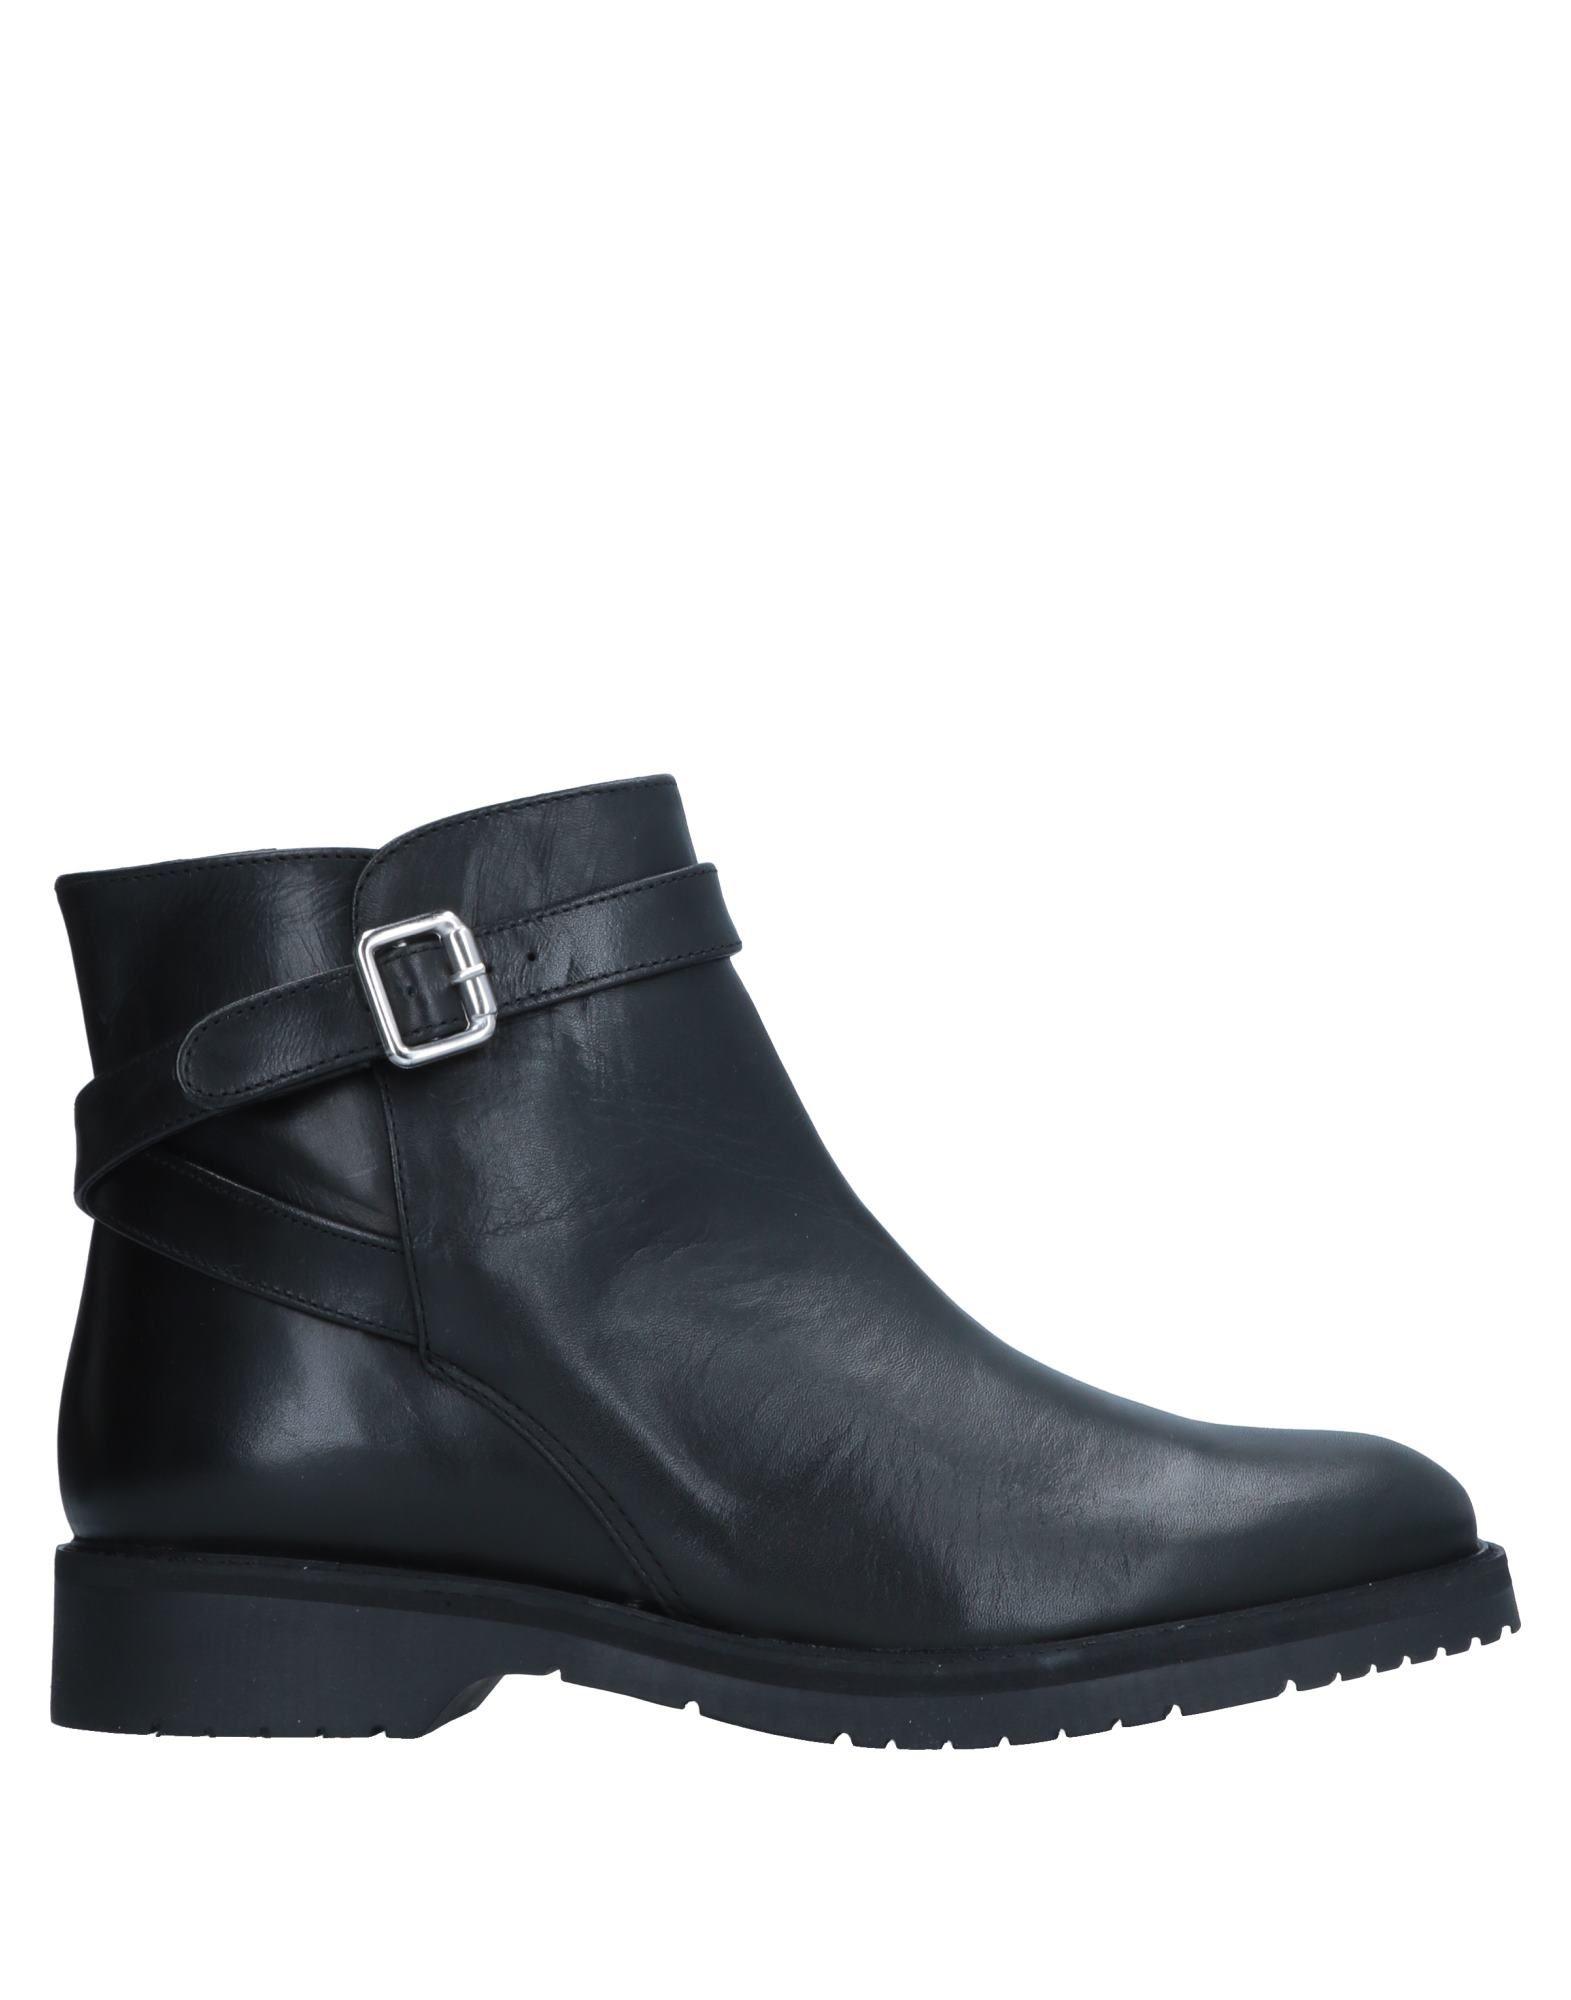 Cuplé Stiefelette Damen  11543690NC Gute Qualität beliebte Schuhe